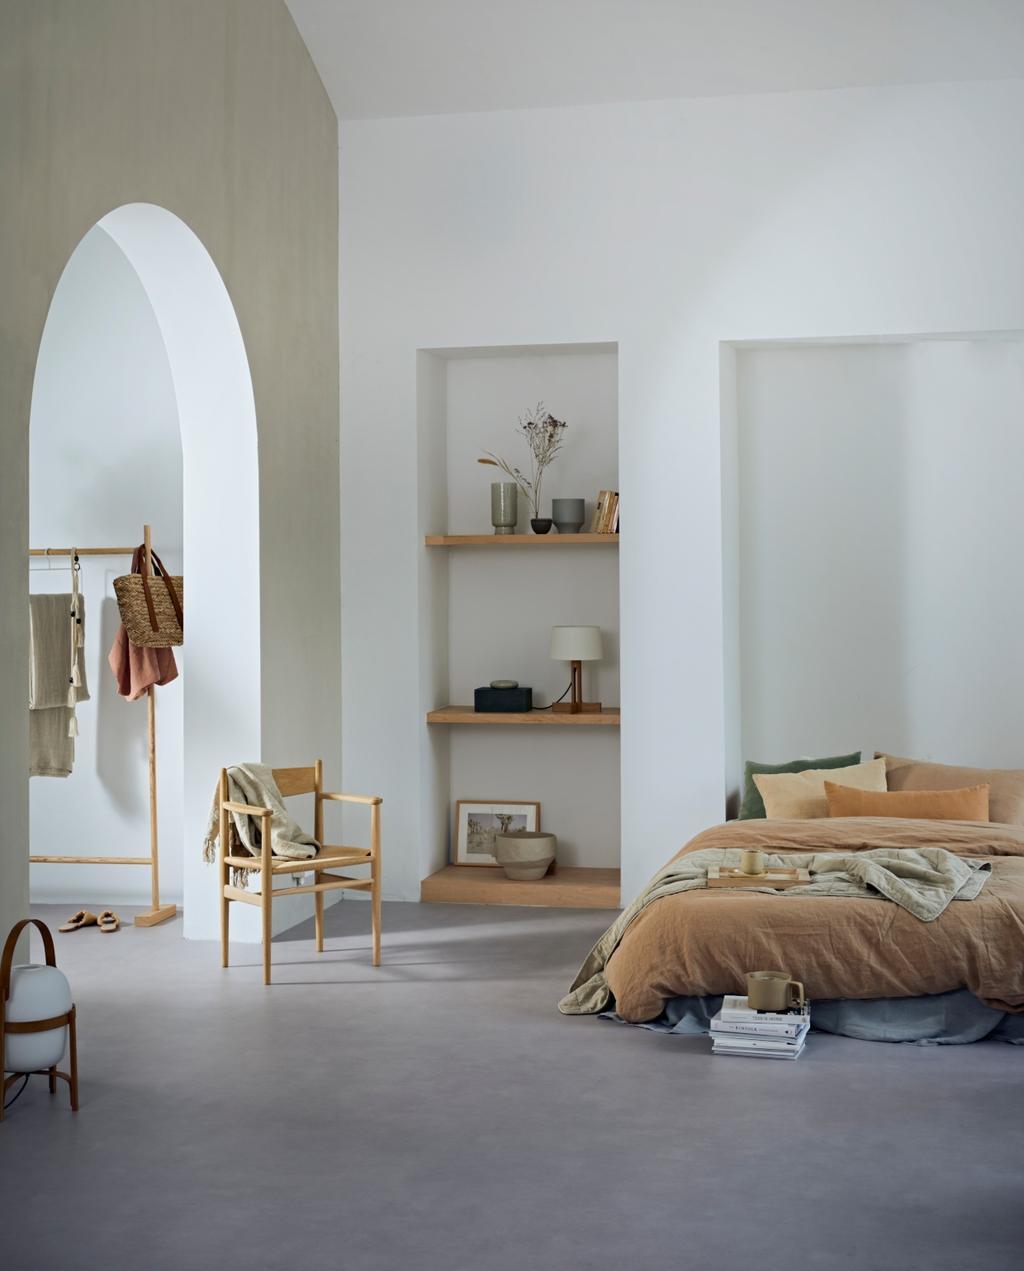 vtwonen collectie 07-2020 novilon slaapkamer met bed en roestbruin dekbed